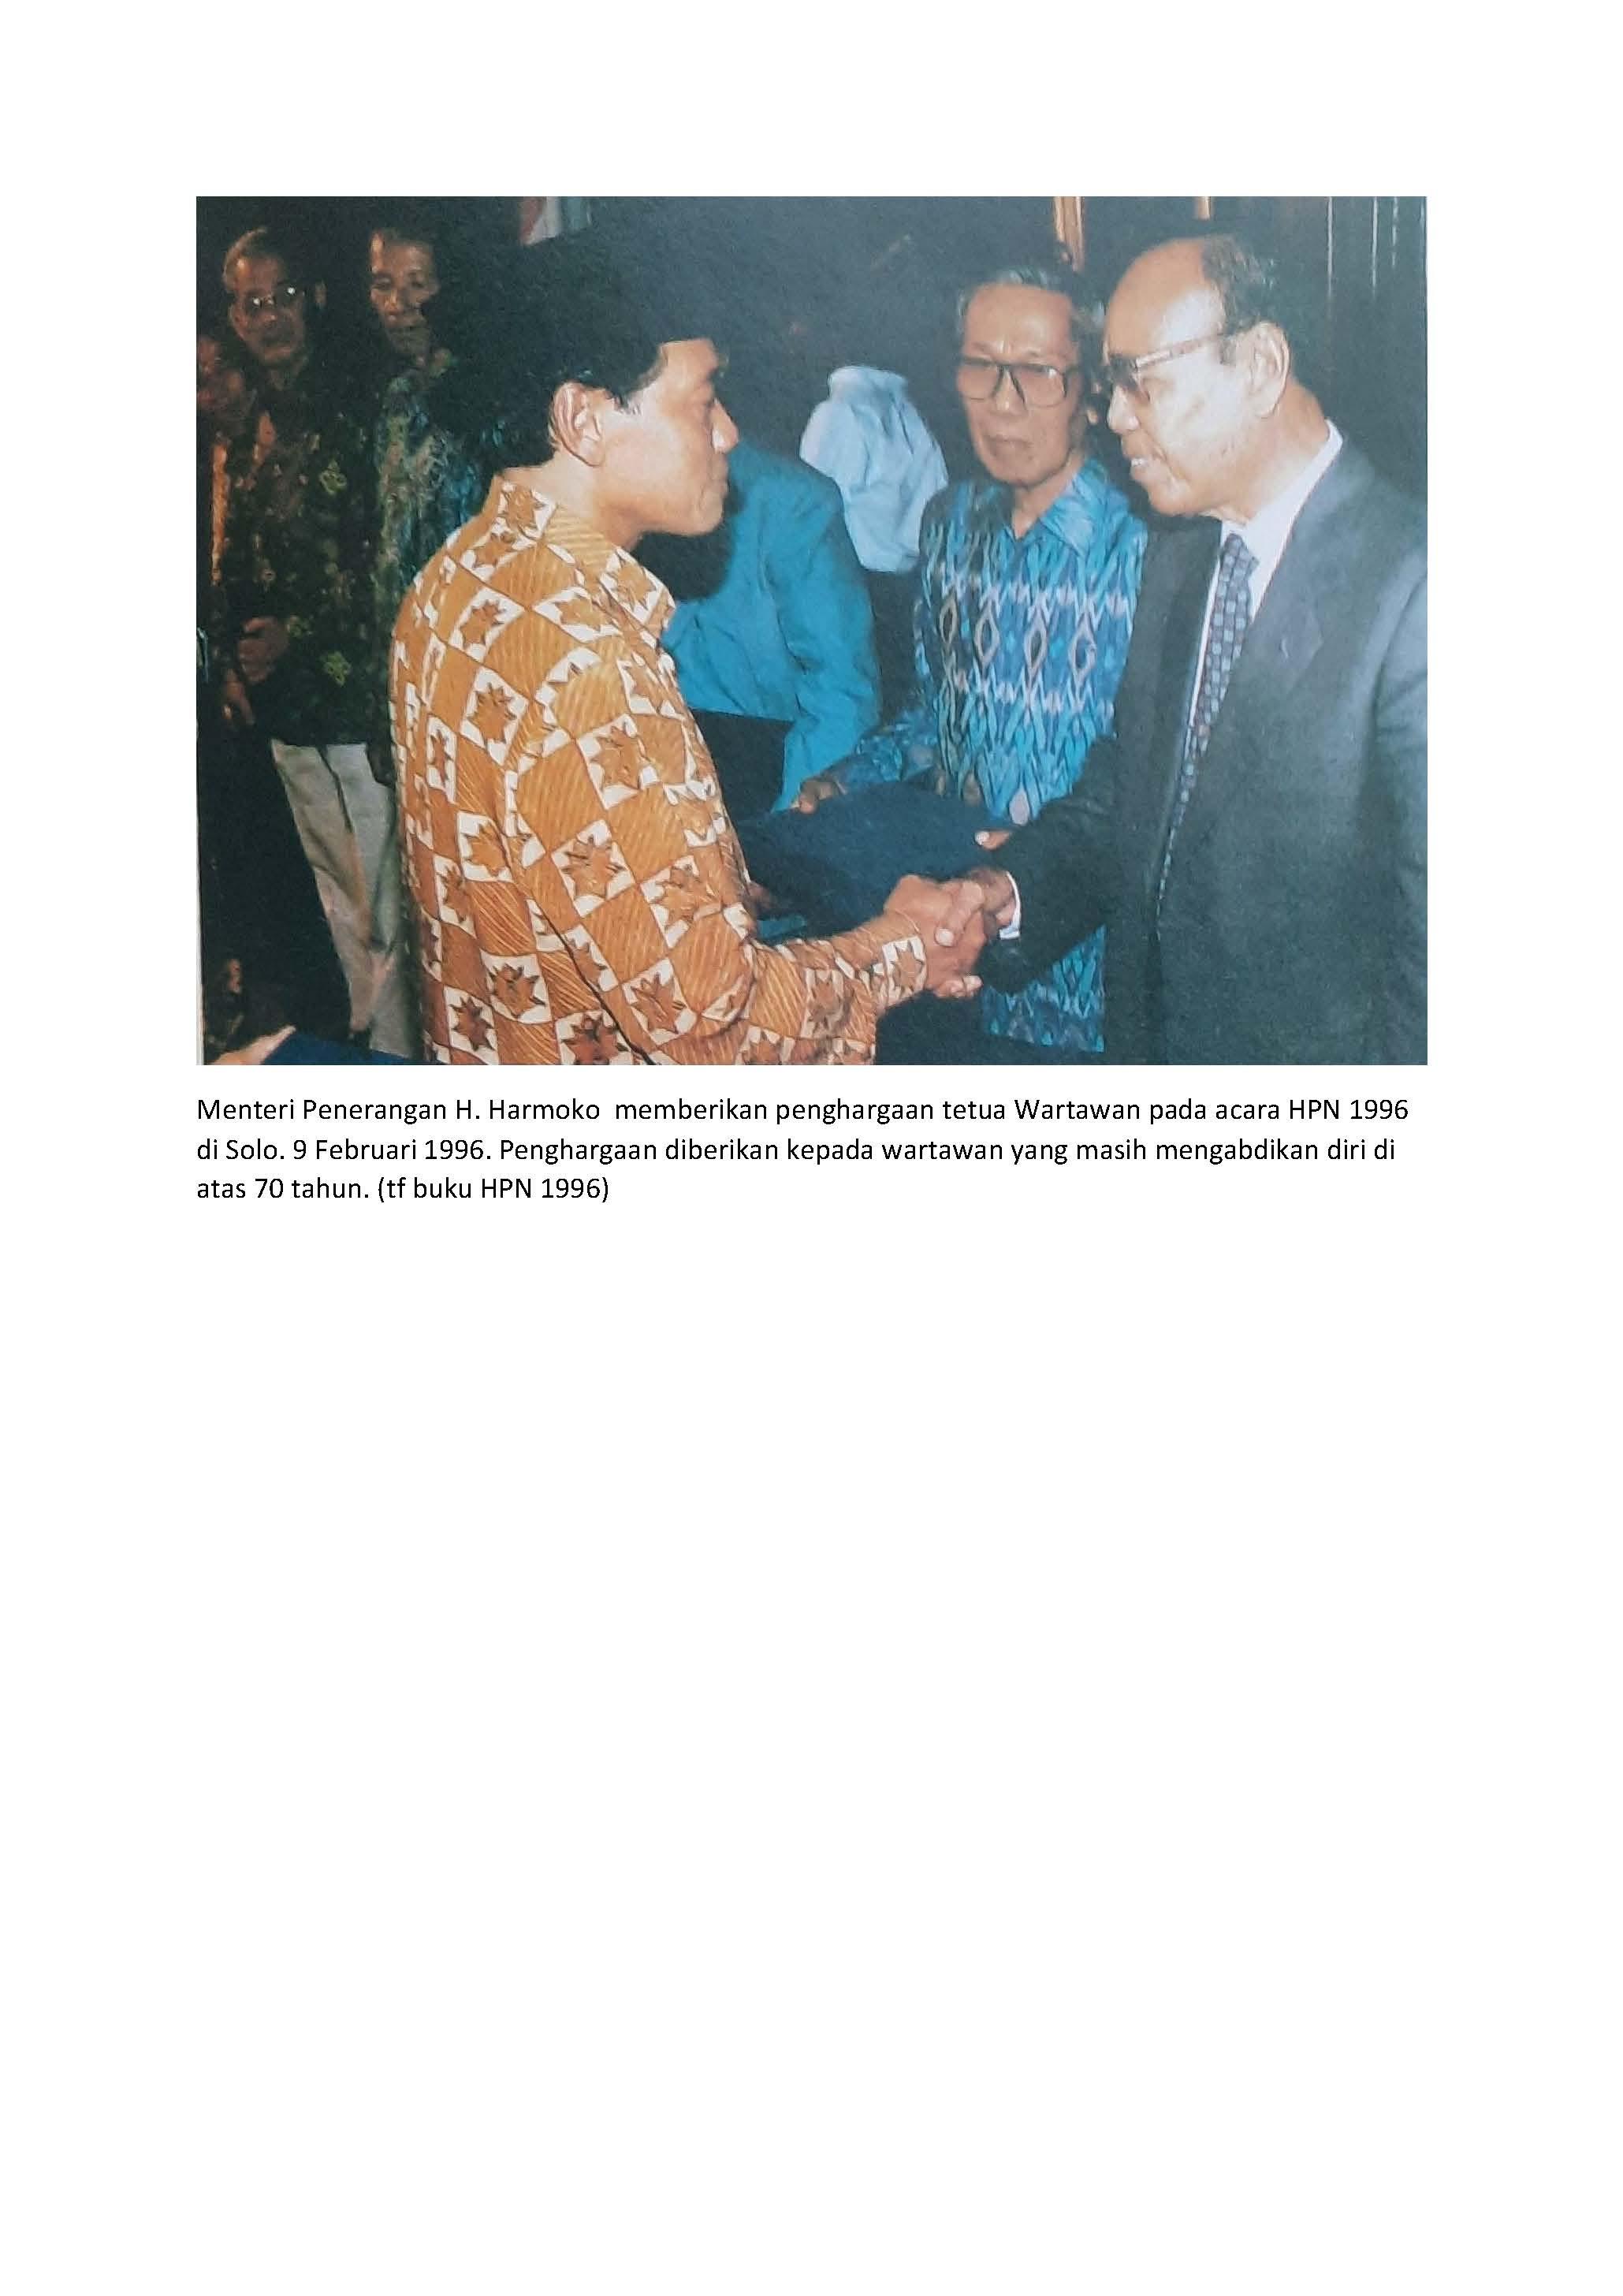 Daftar Penerima Penghargaan Penegak Pers Pancasila Tahun 1996